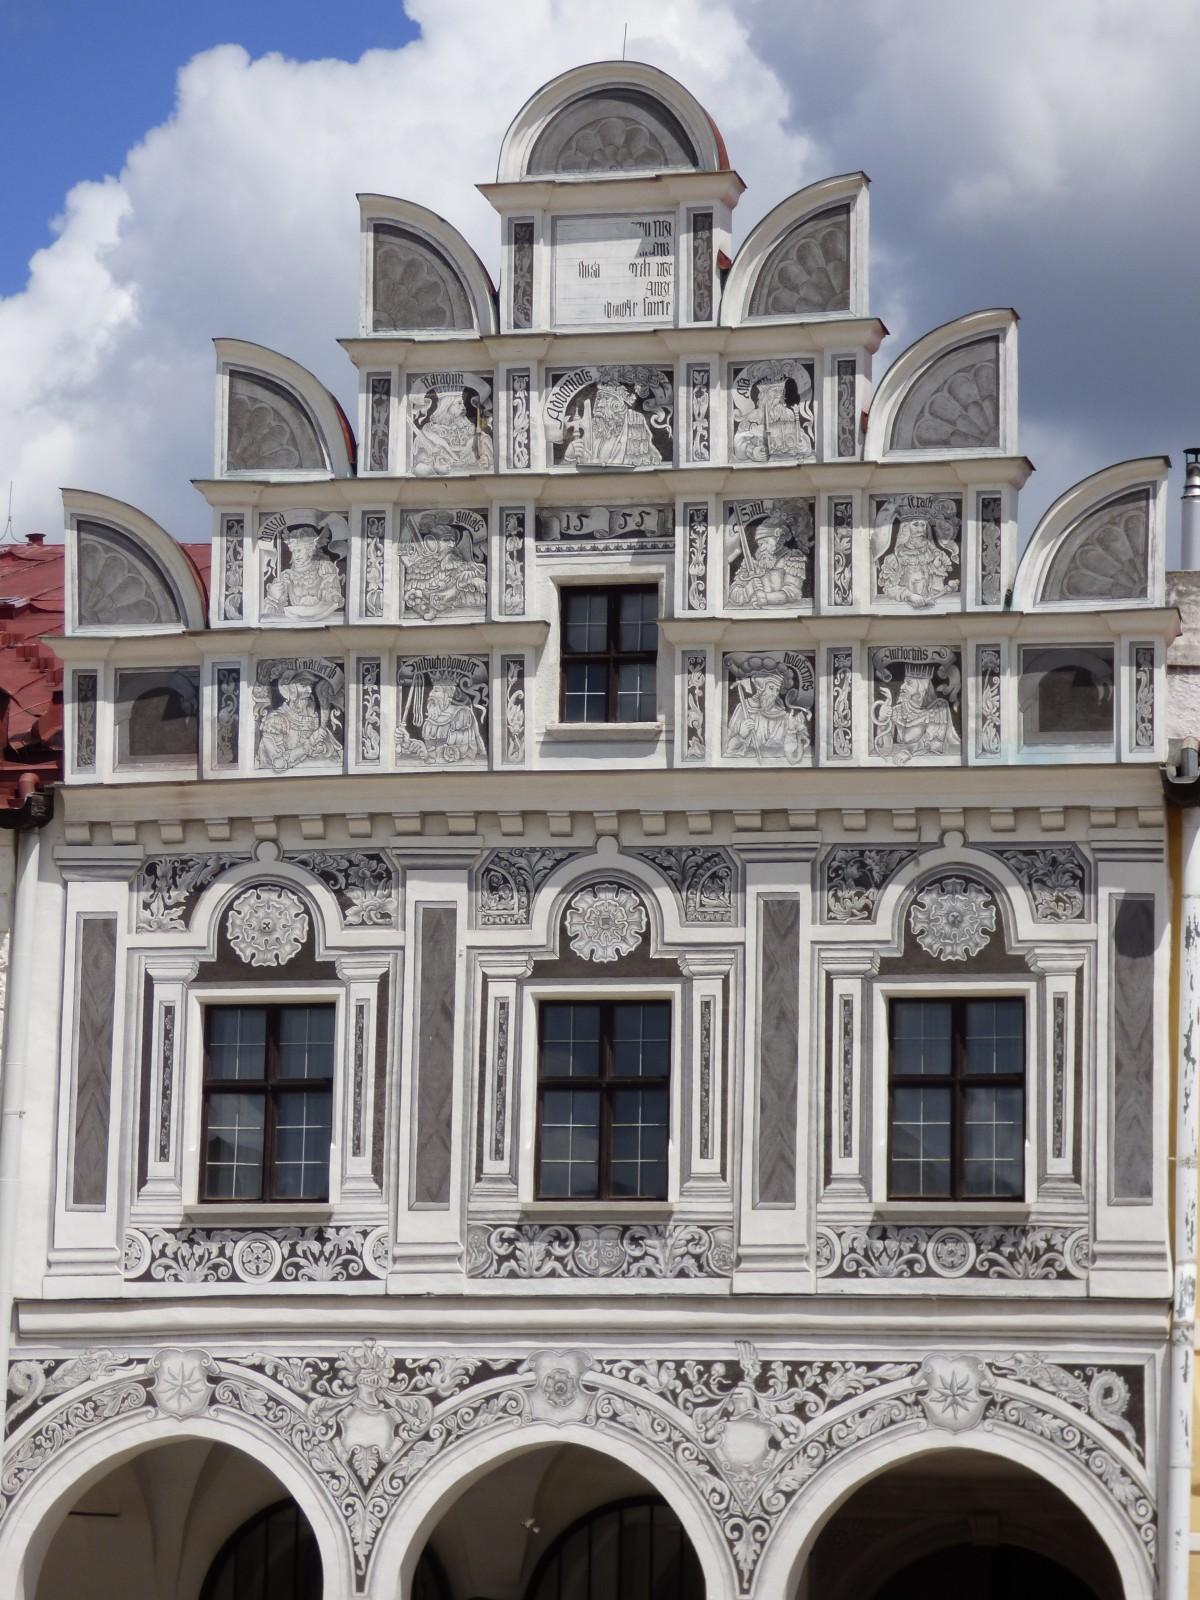 Fotos gratis arquitectura antiguo palacio edificio pared monumento arco punto de - Persianas palacio ...